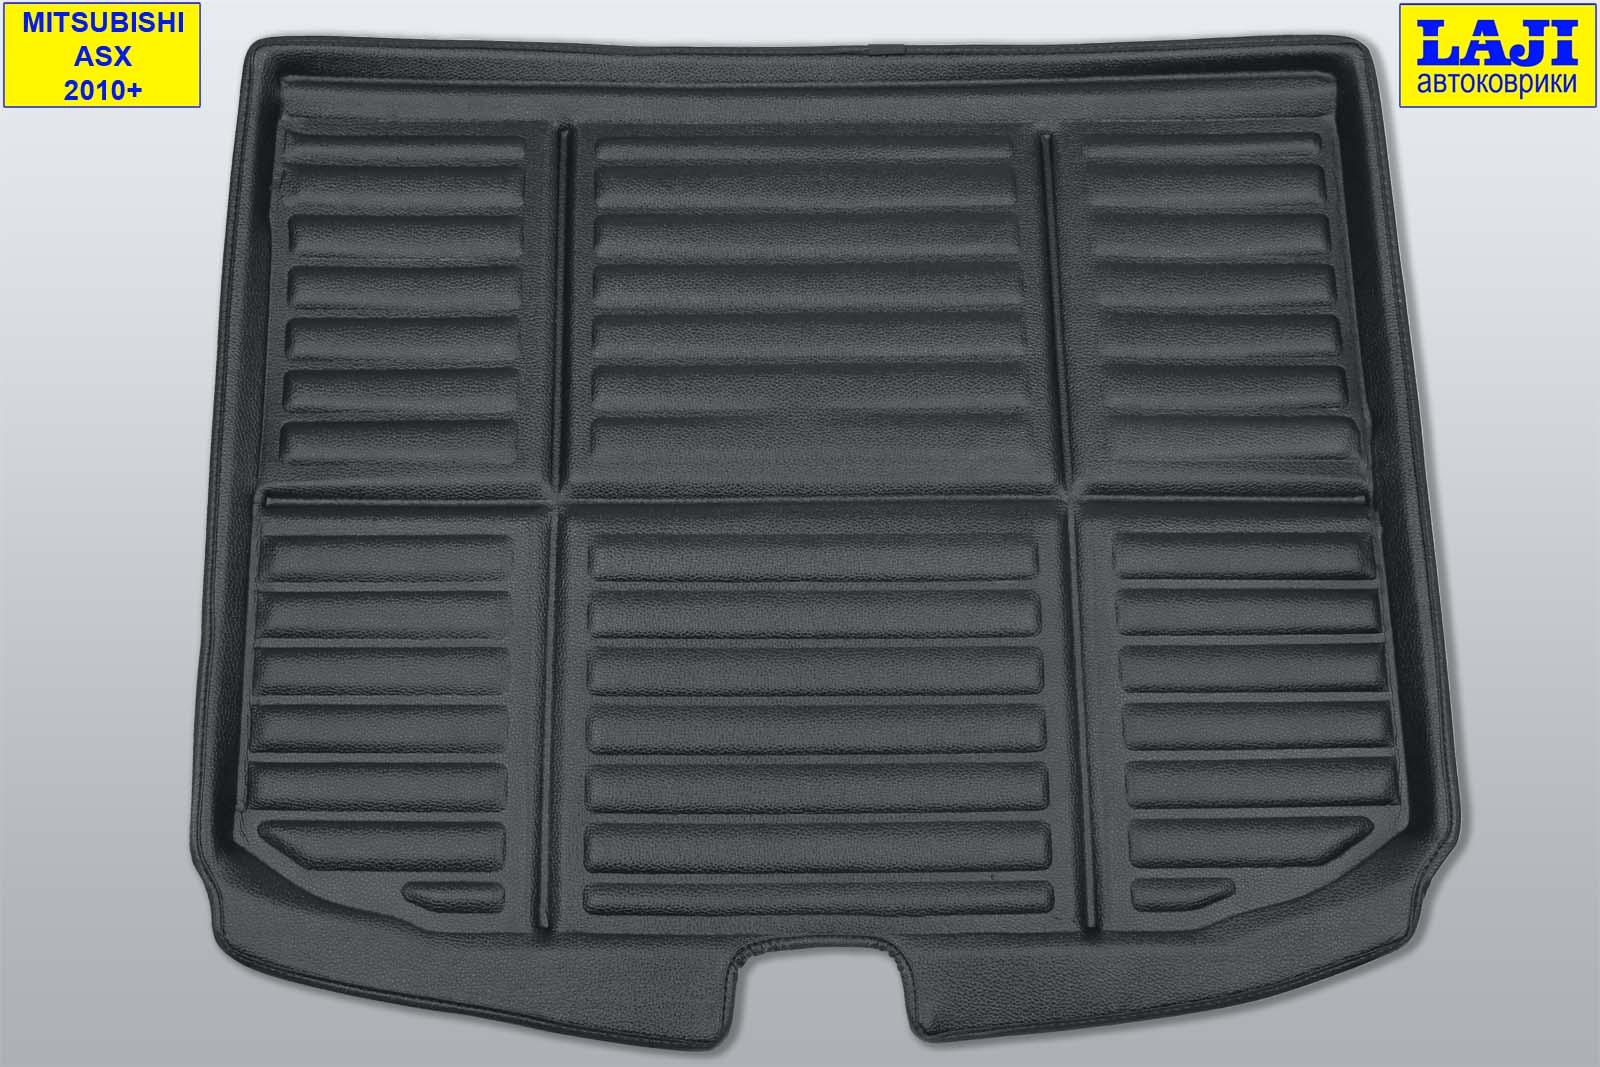 3D коврик в багажник Mitsubishi ASX 2010-н.в. 1